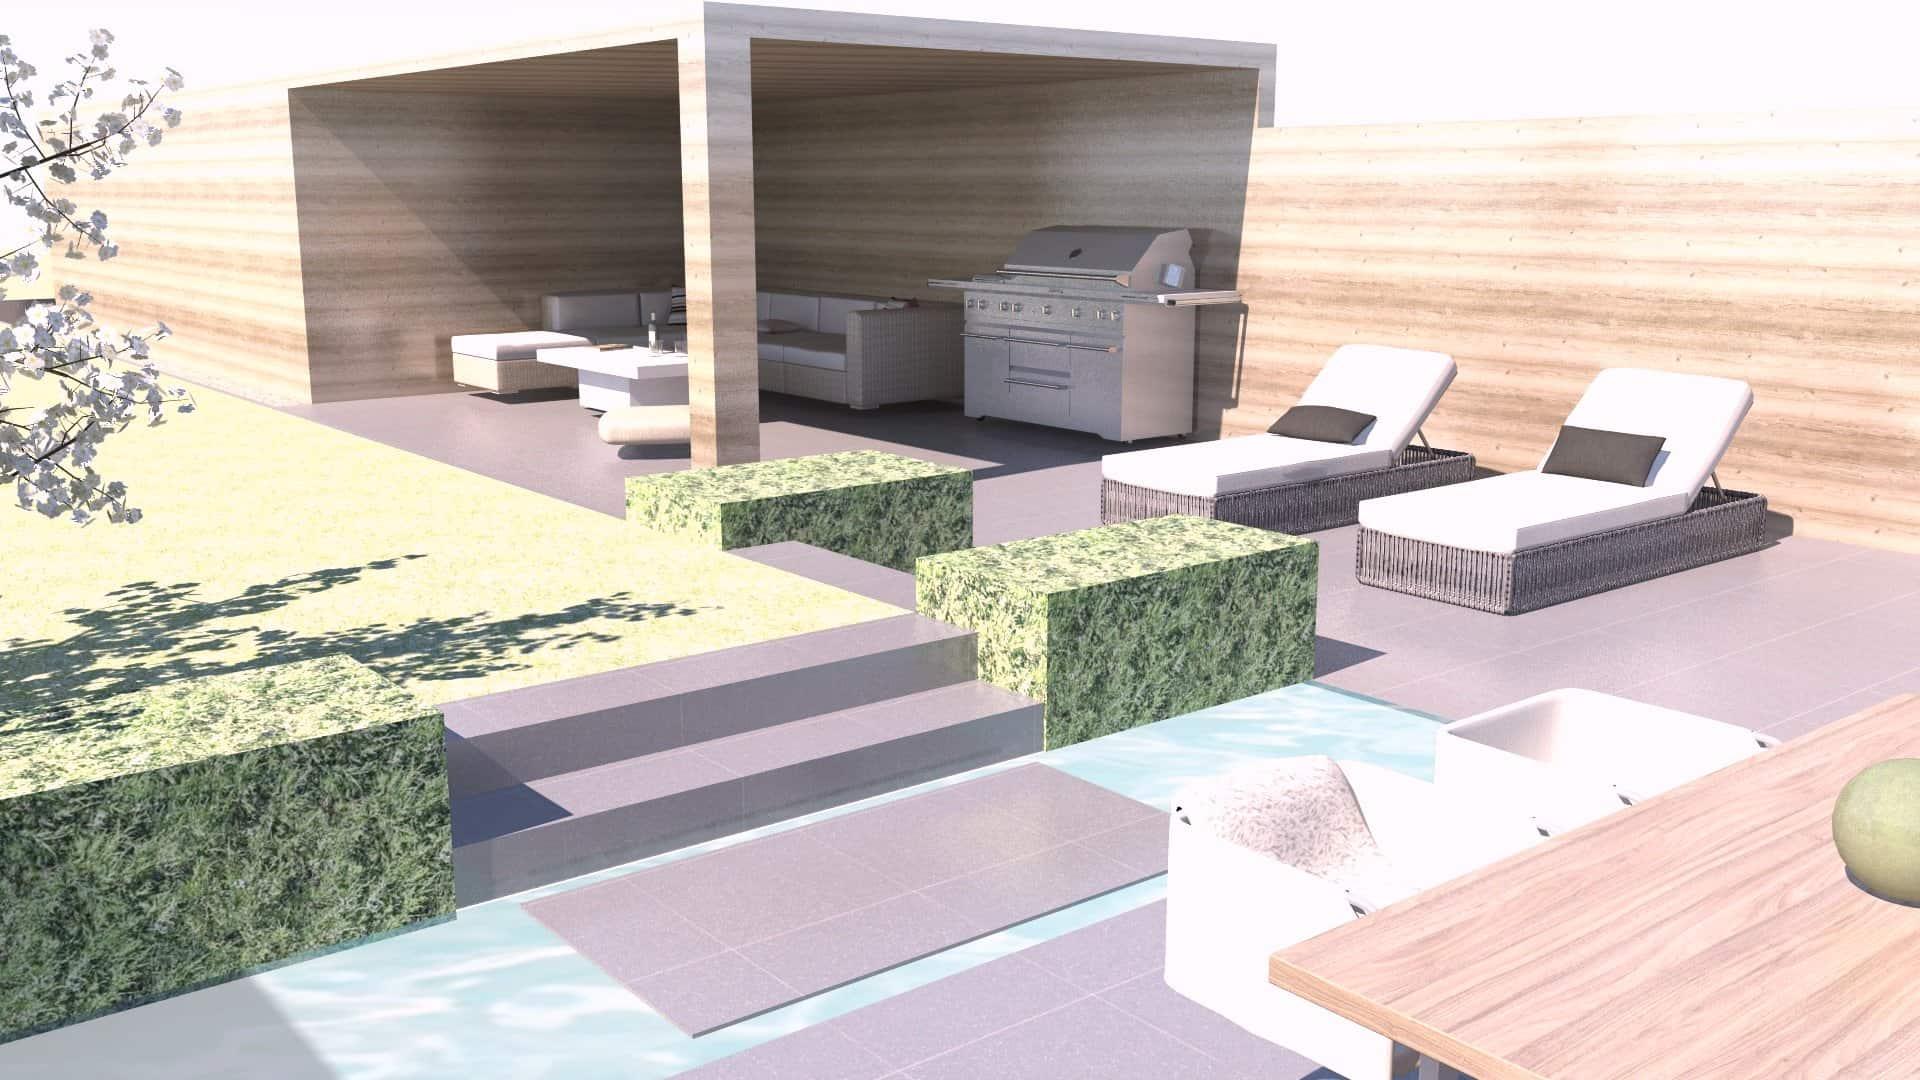 Tuinrenovatie bestaand terras en carport GY - Lede